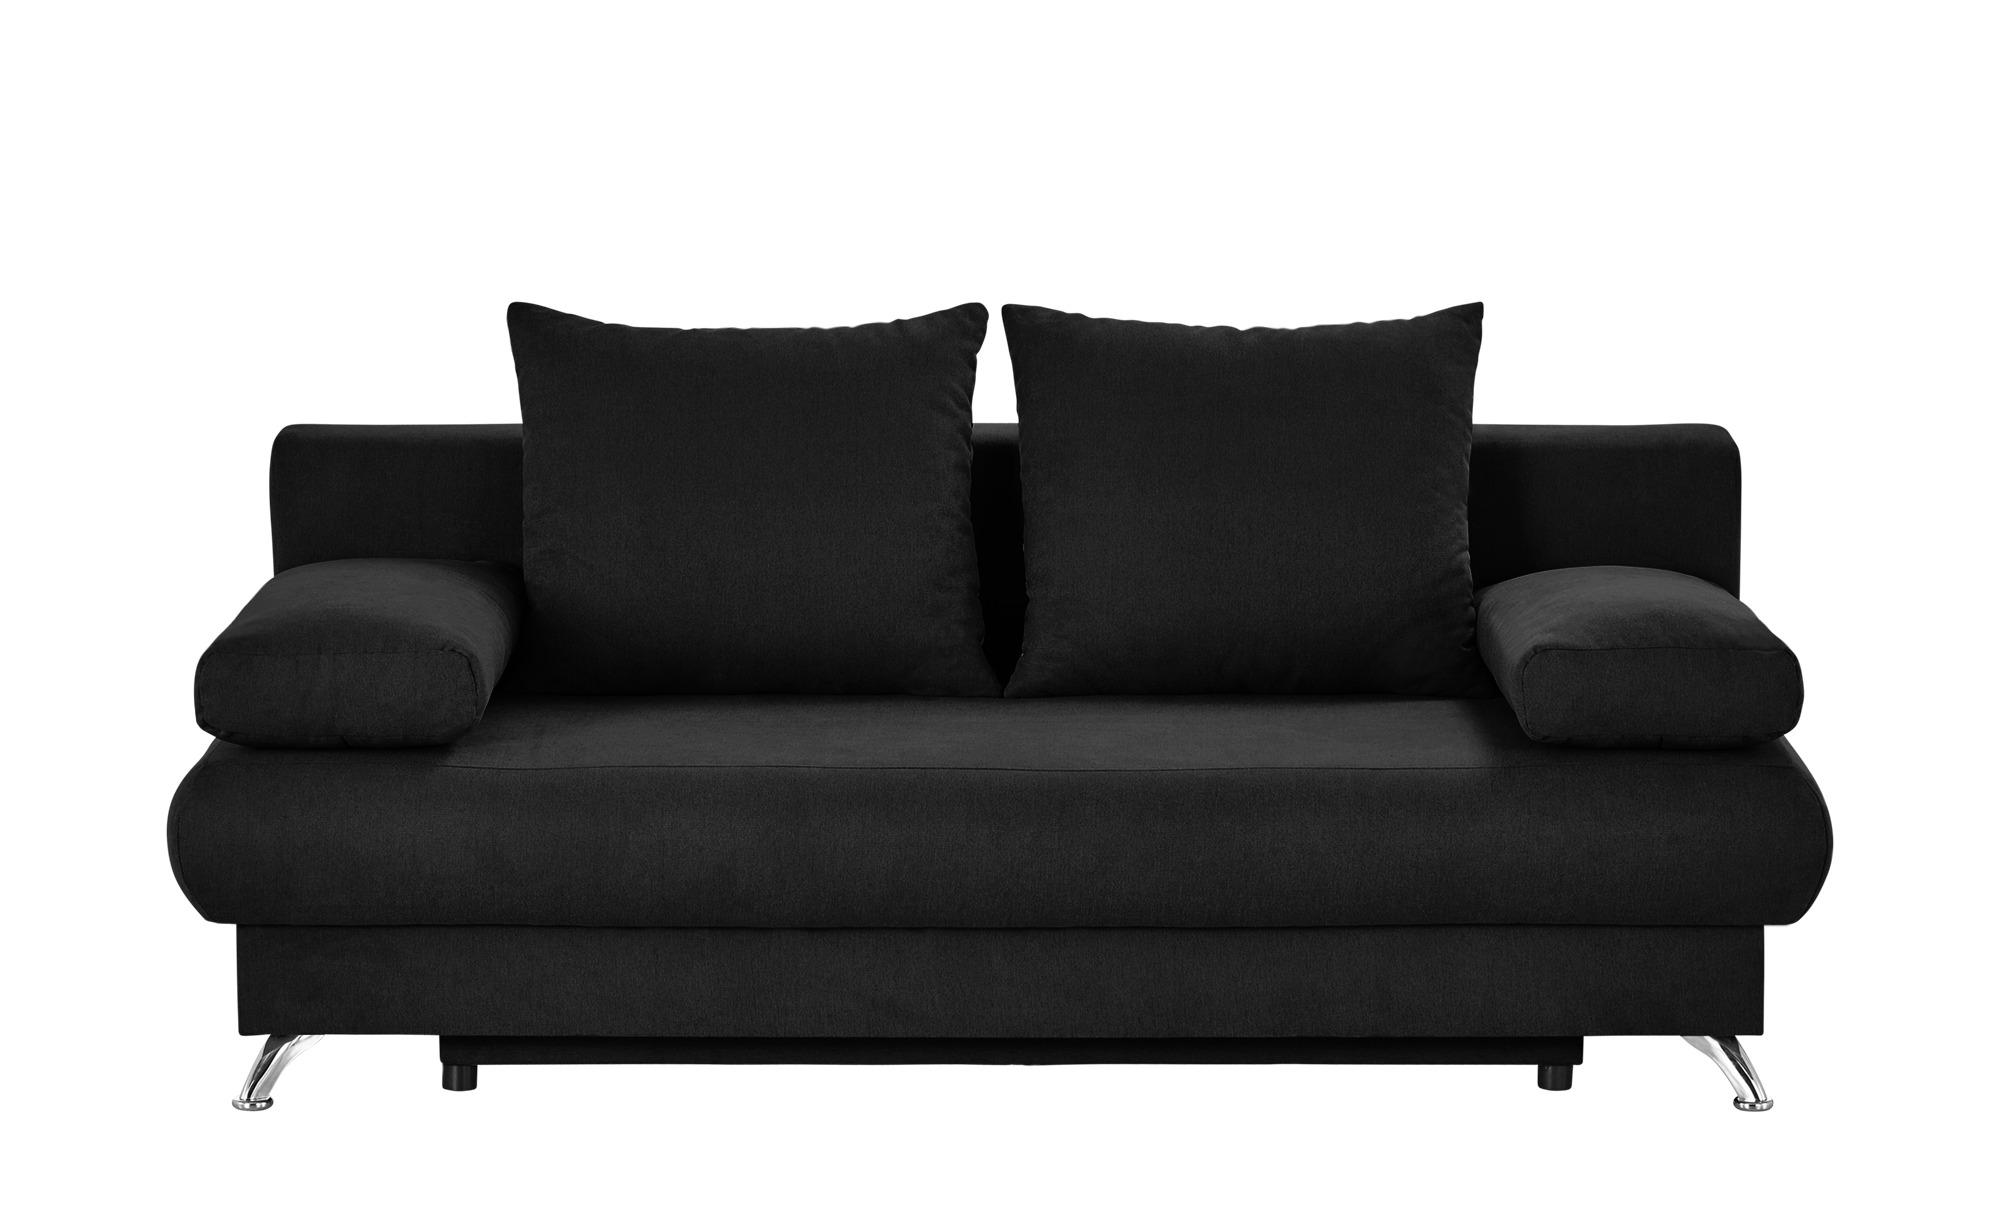 Schlafsofa schwarz - Flachgewebe Viola ¦ schwarz ¦ Maße (cm): B: 203 H: 72 T: 93 Polstermöbel > Sofas > 2-Sitzer - Höffner